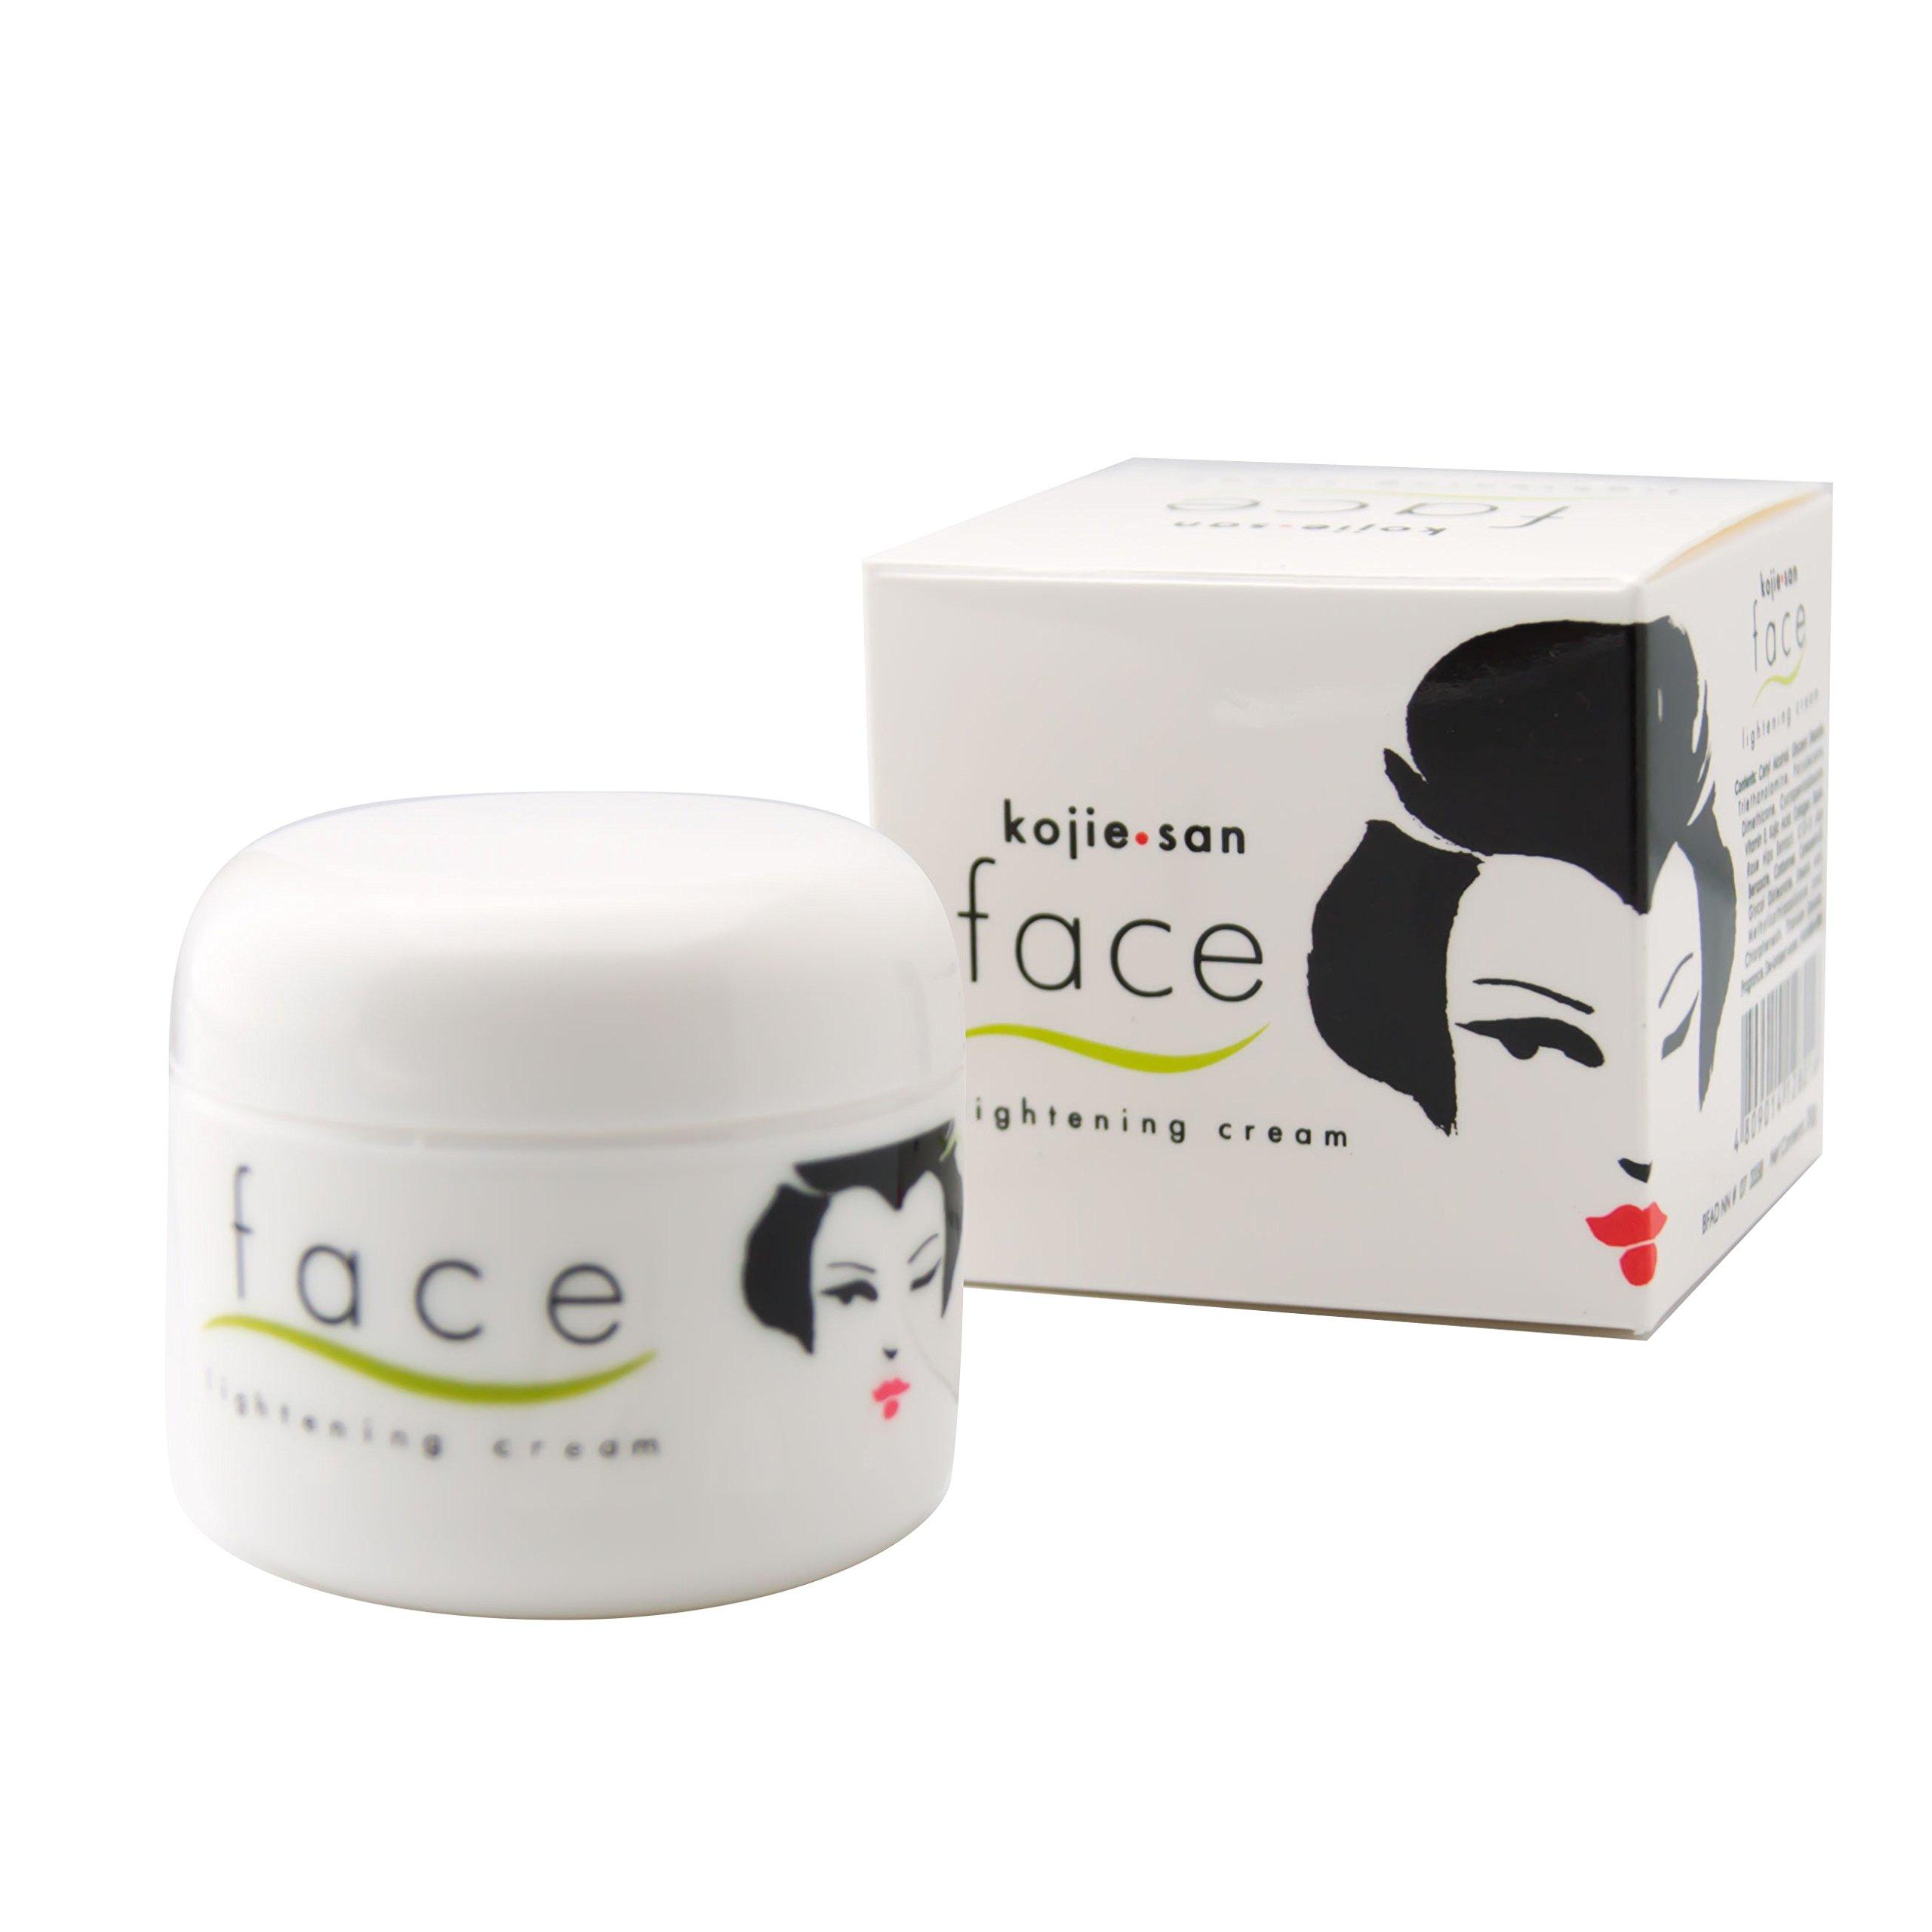 Kojie San Whitening Face Cream, 30g